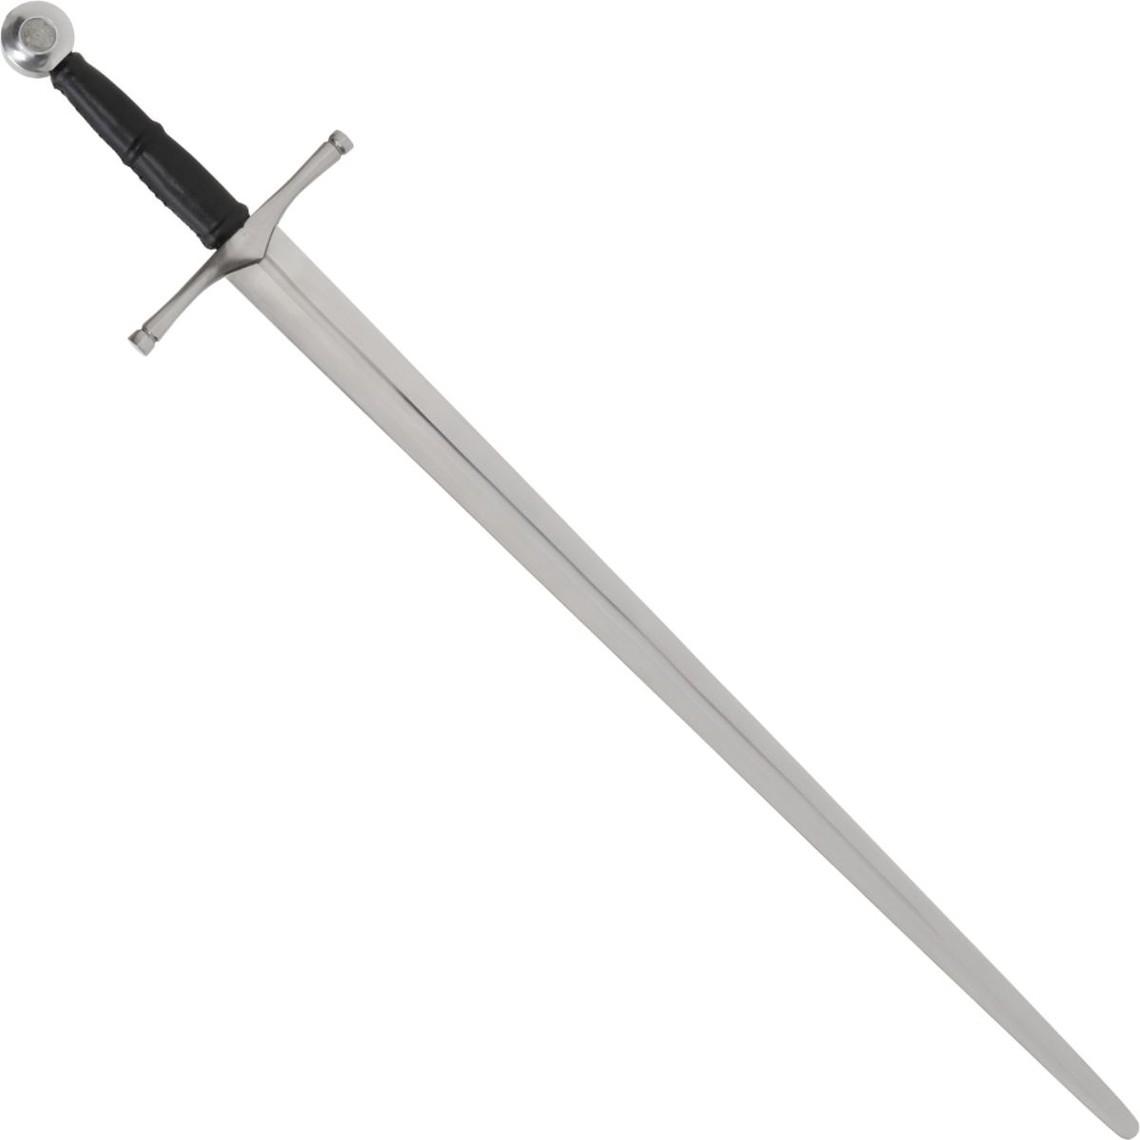 Espada de mano y media Alessio, lista para la batalla con vaina